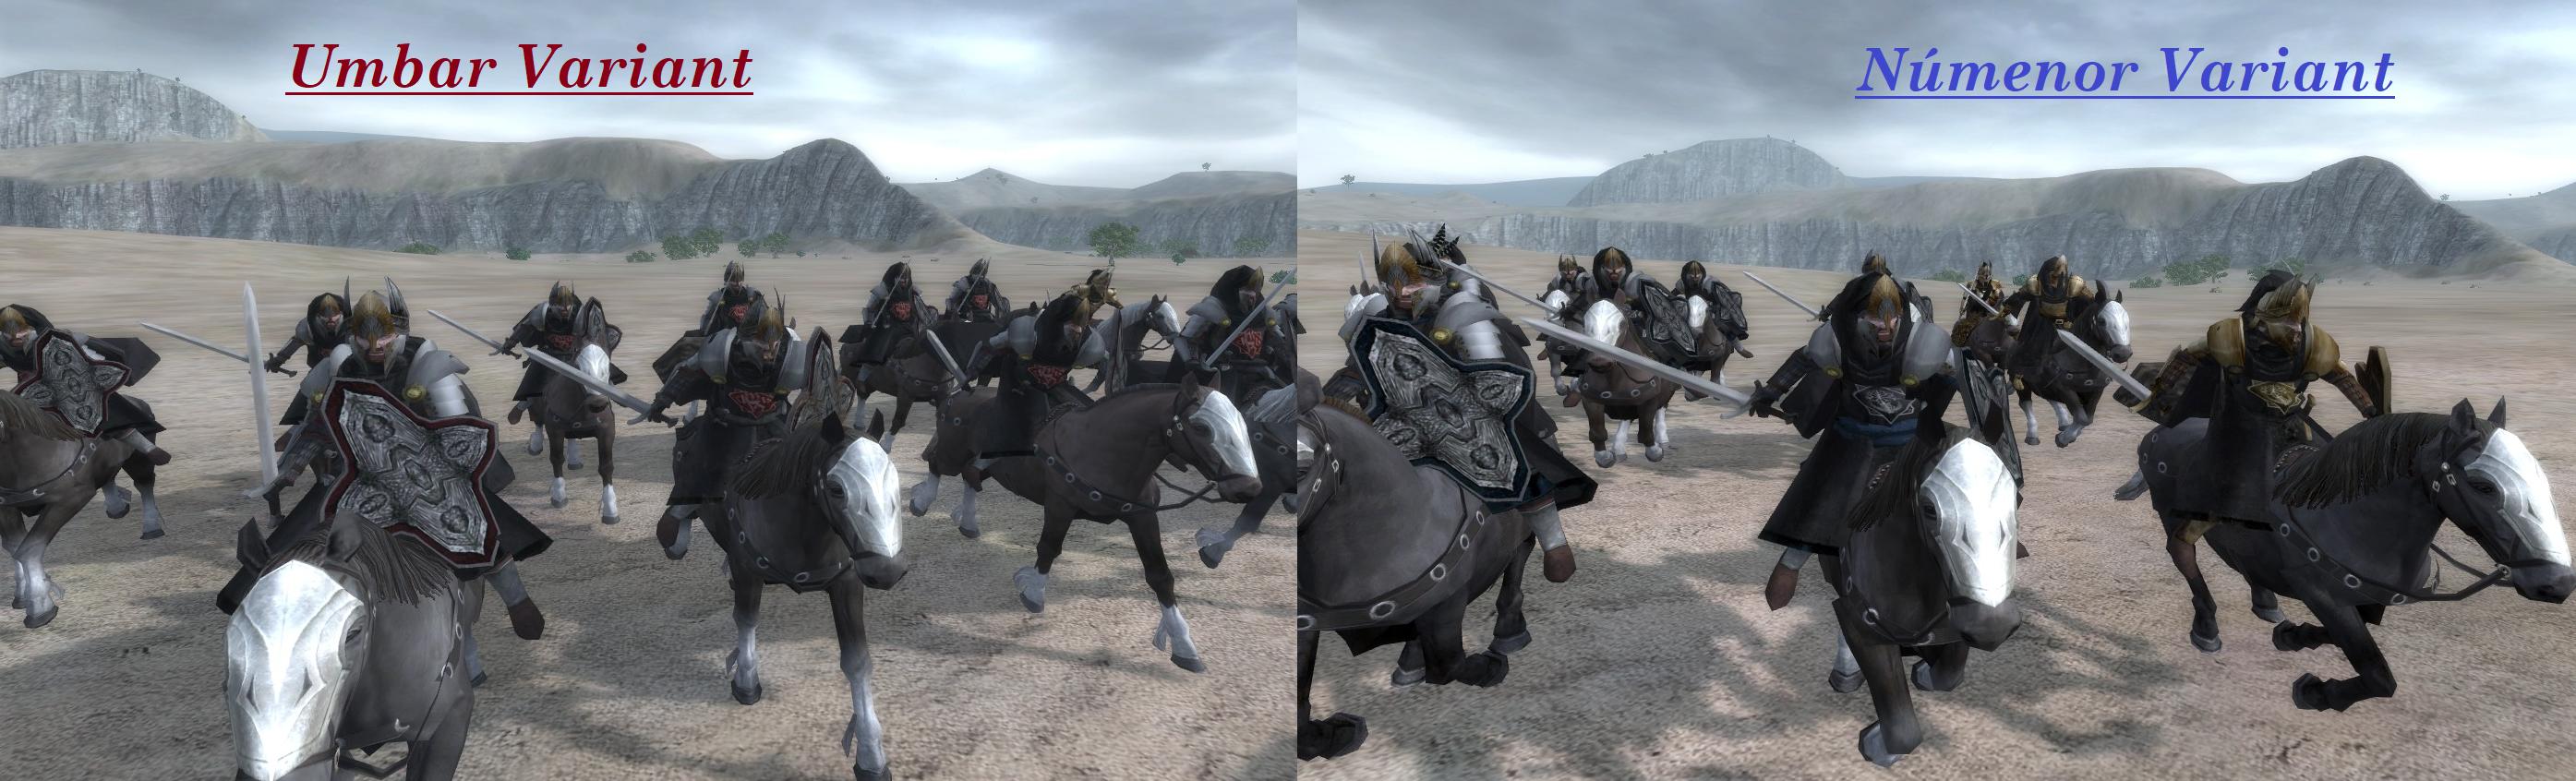 Alcarondas Faithful - Umbar and Númenor variants image - Third Age